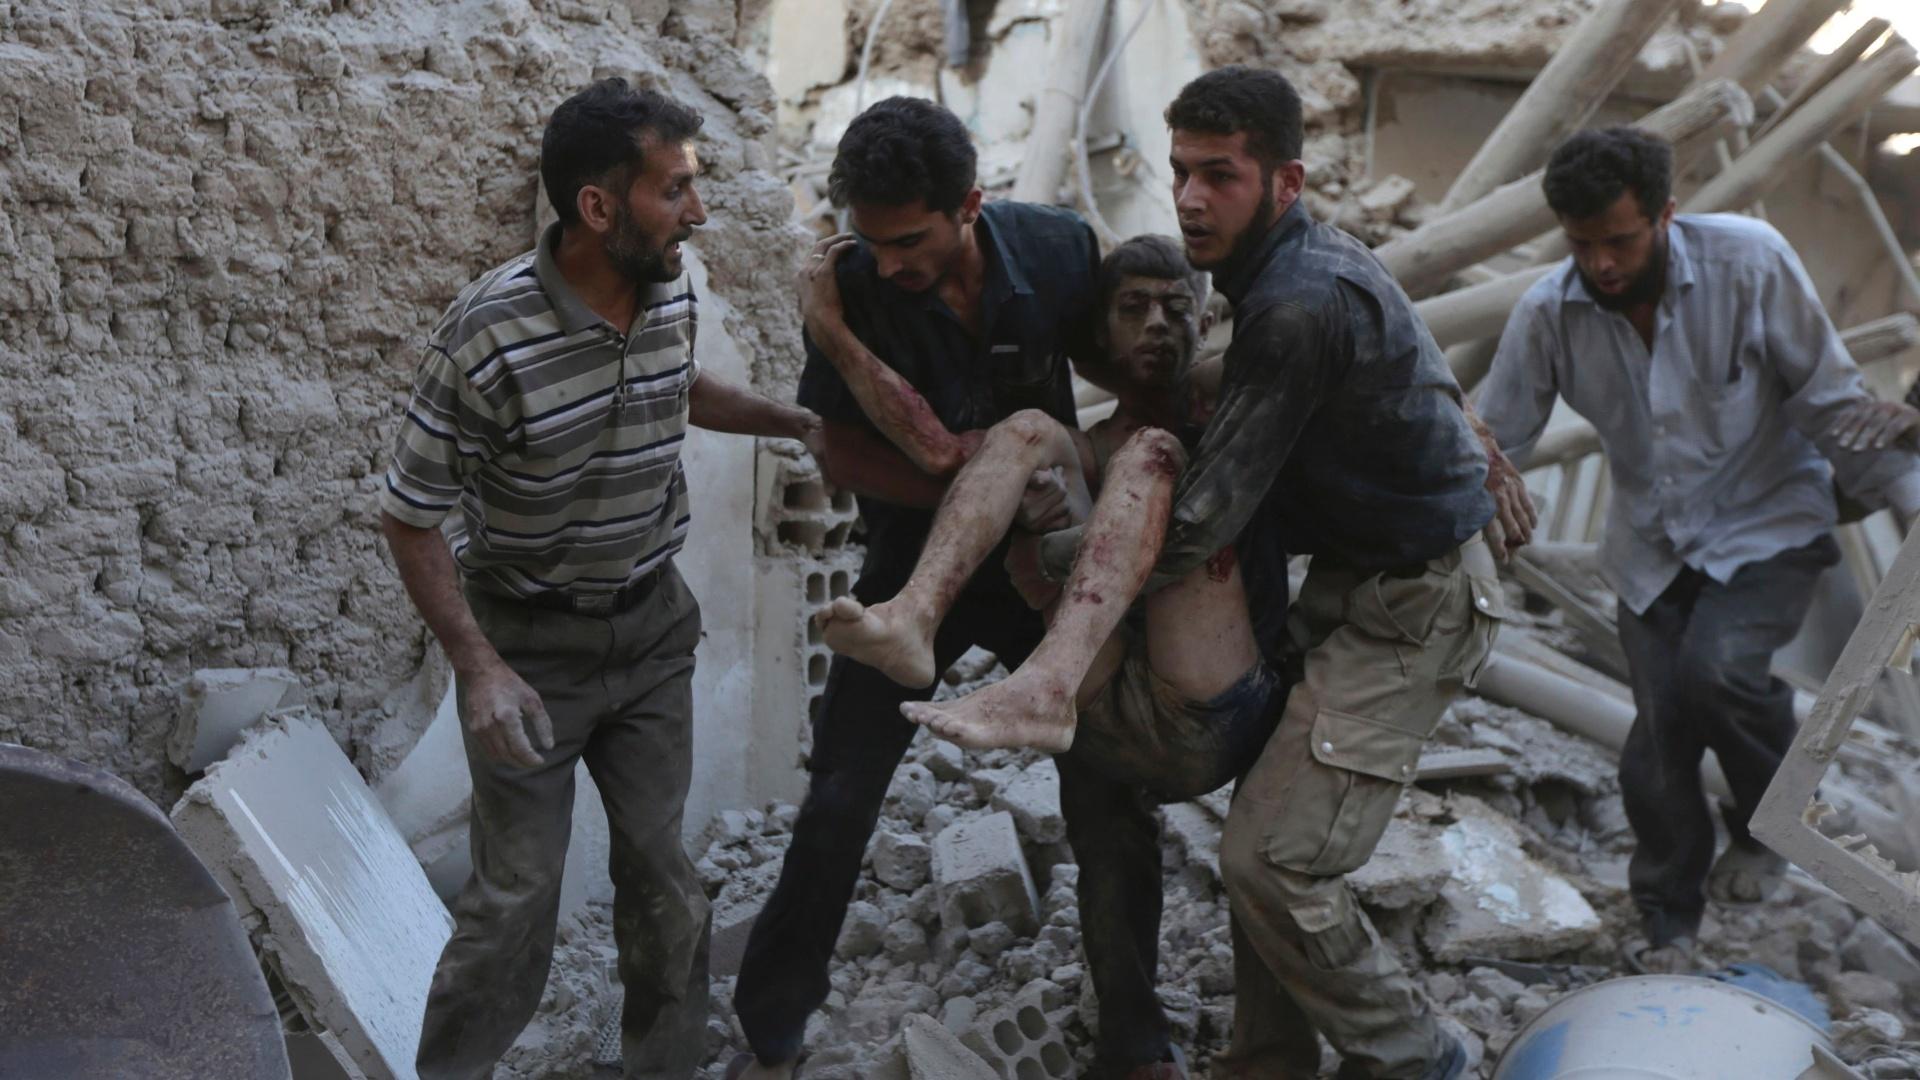 11.09.2014 - Homens carregam corpo de jovem ferido após ataques aéreos em Douma, na Síria, nesta quinta-feira (11). Ativistam afirmam que os ataques foram feitos por forças leais ao presidente do país, Bashar al-Assad